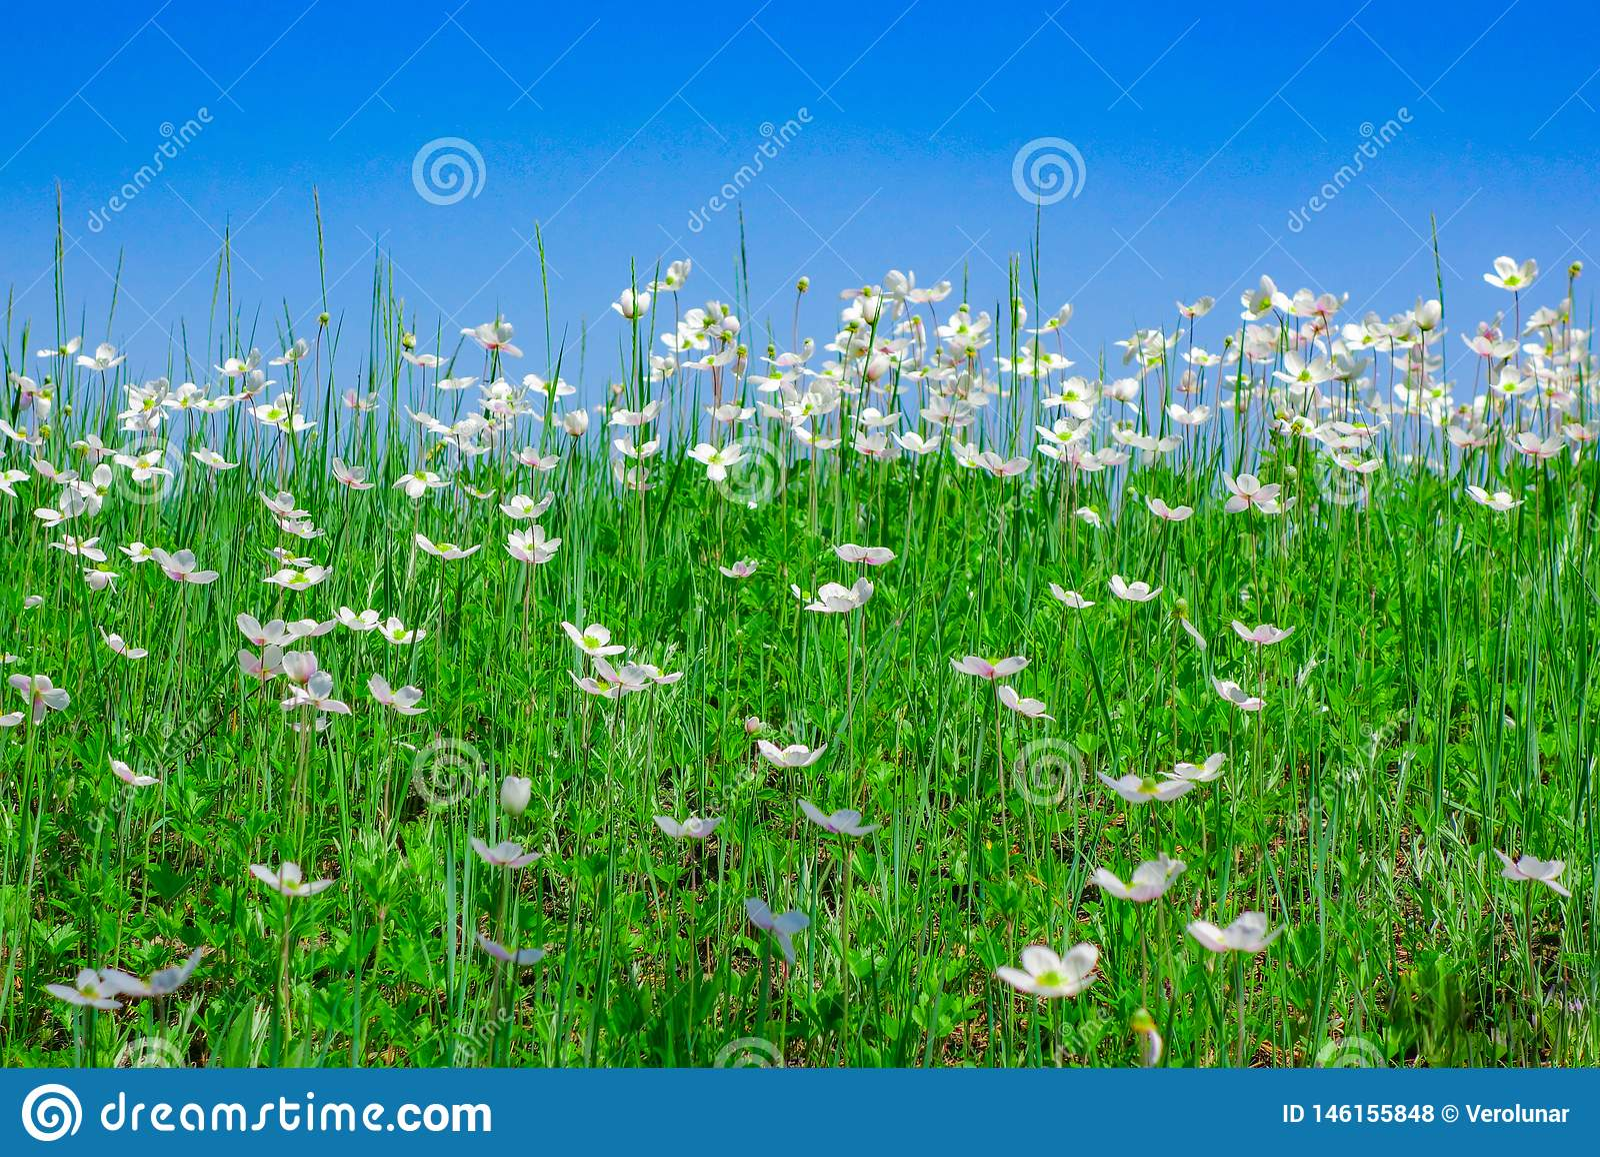 Niebieskie niebo nad polem biali kwiaty